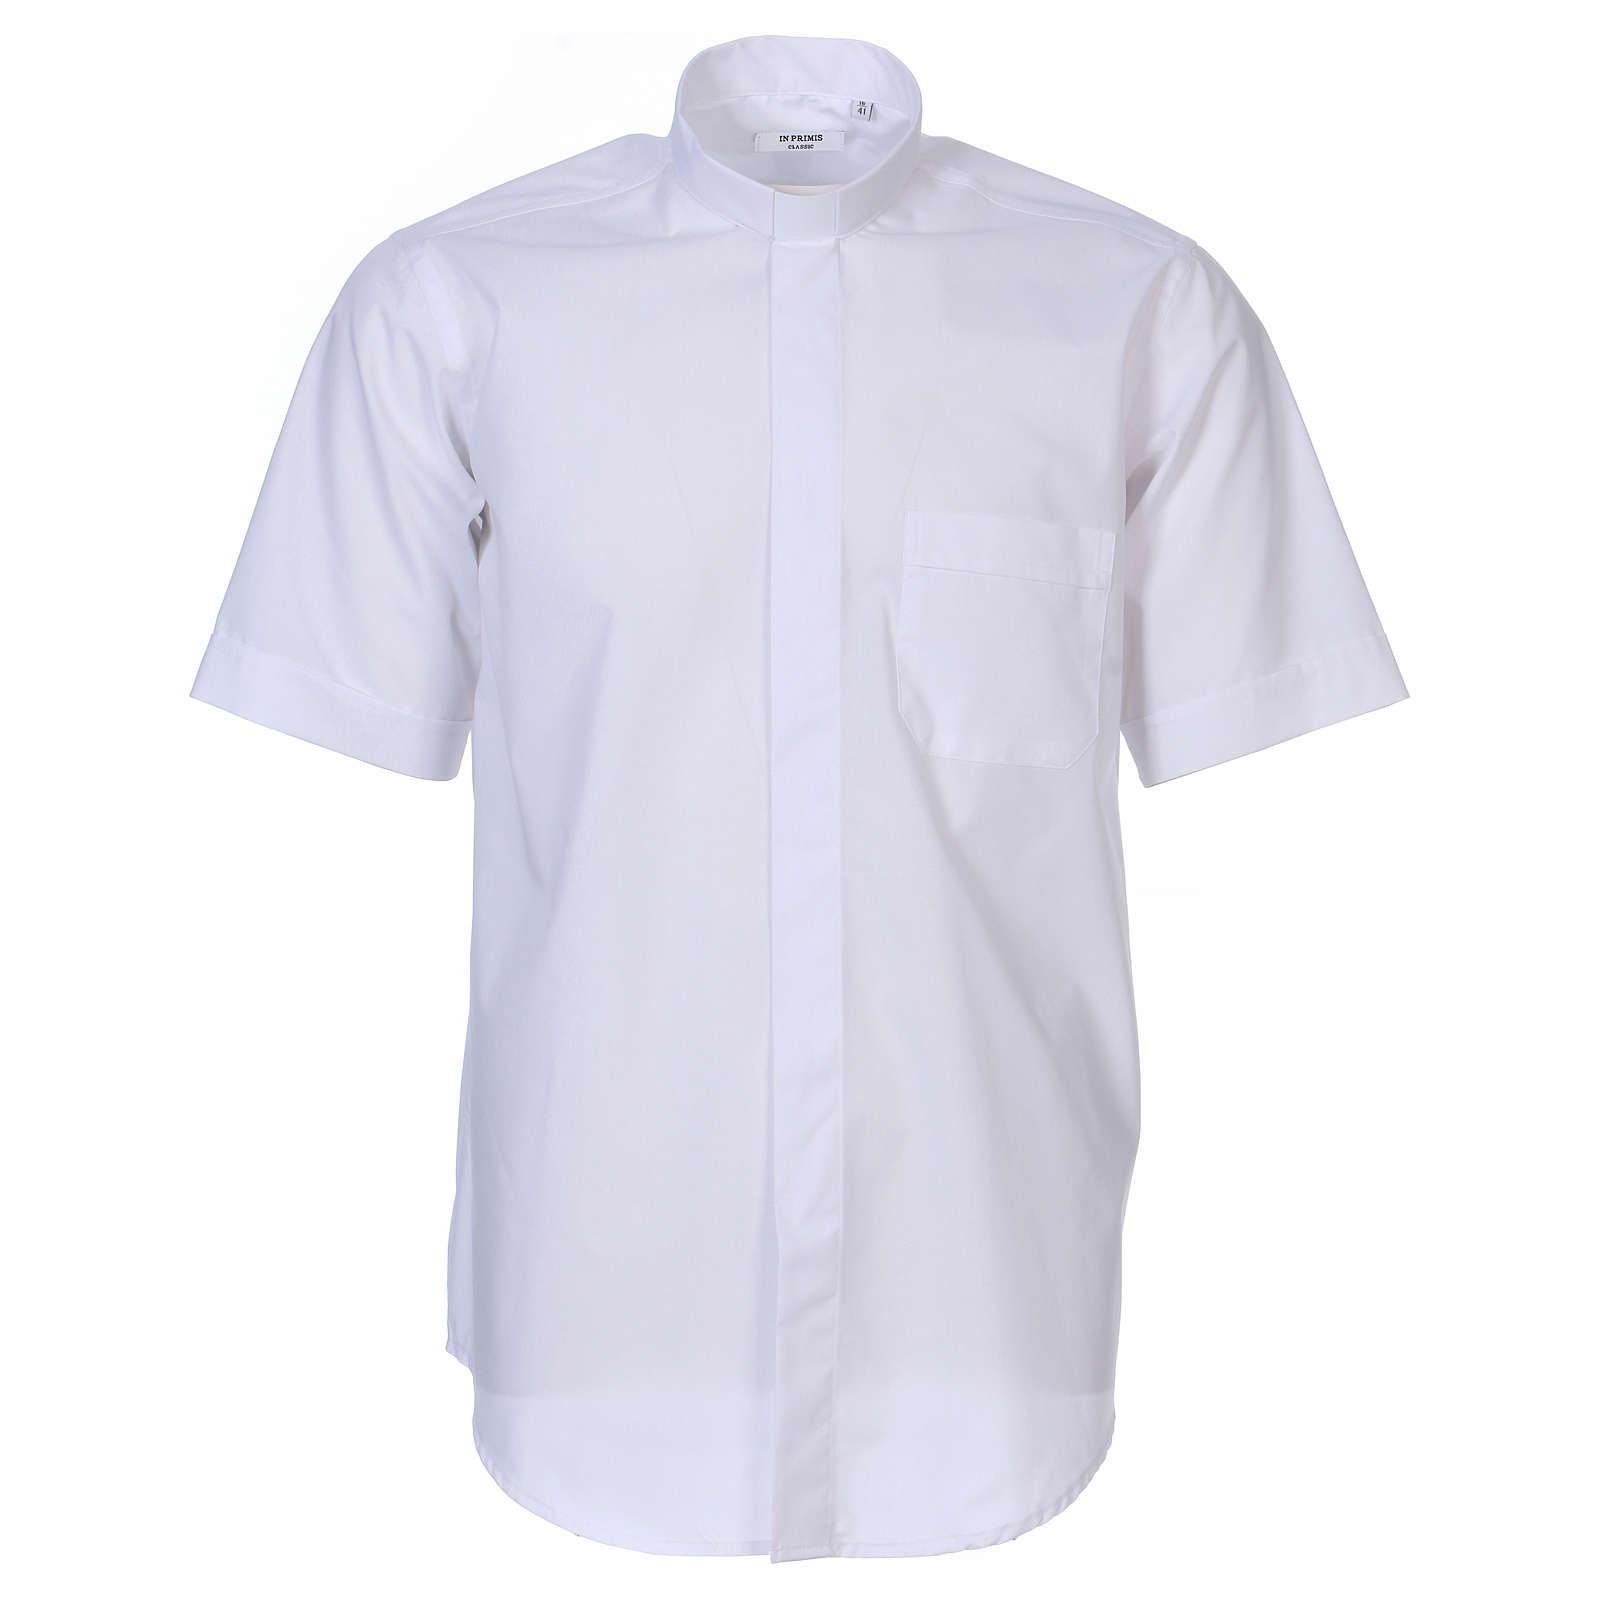 Collarhemd mit Kurzarm aus Mischgewebe in der Farbe Weiß In Primis 4